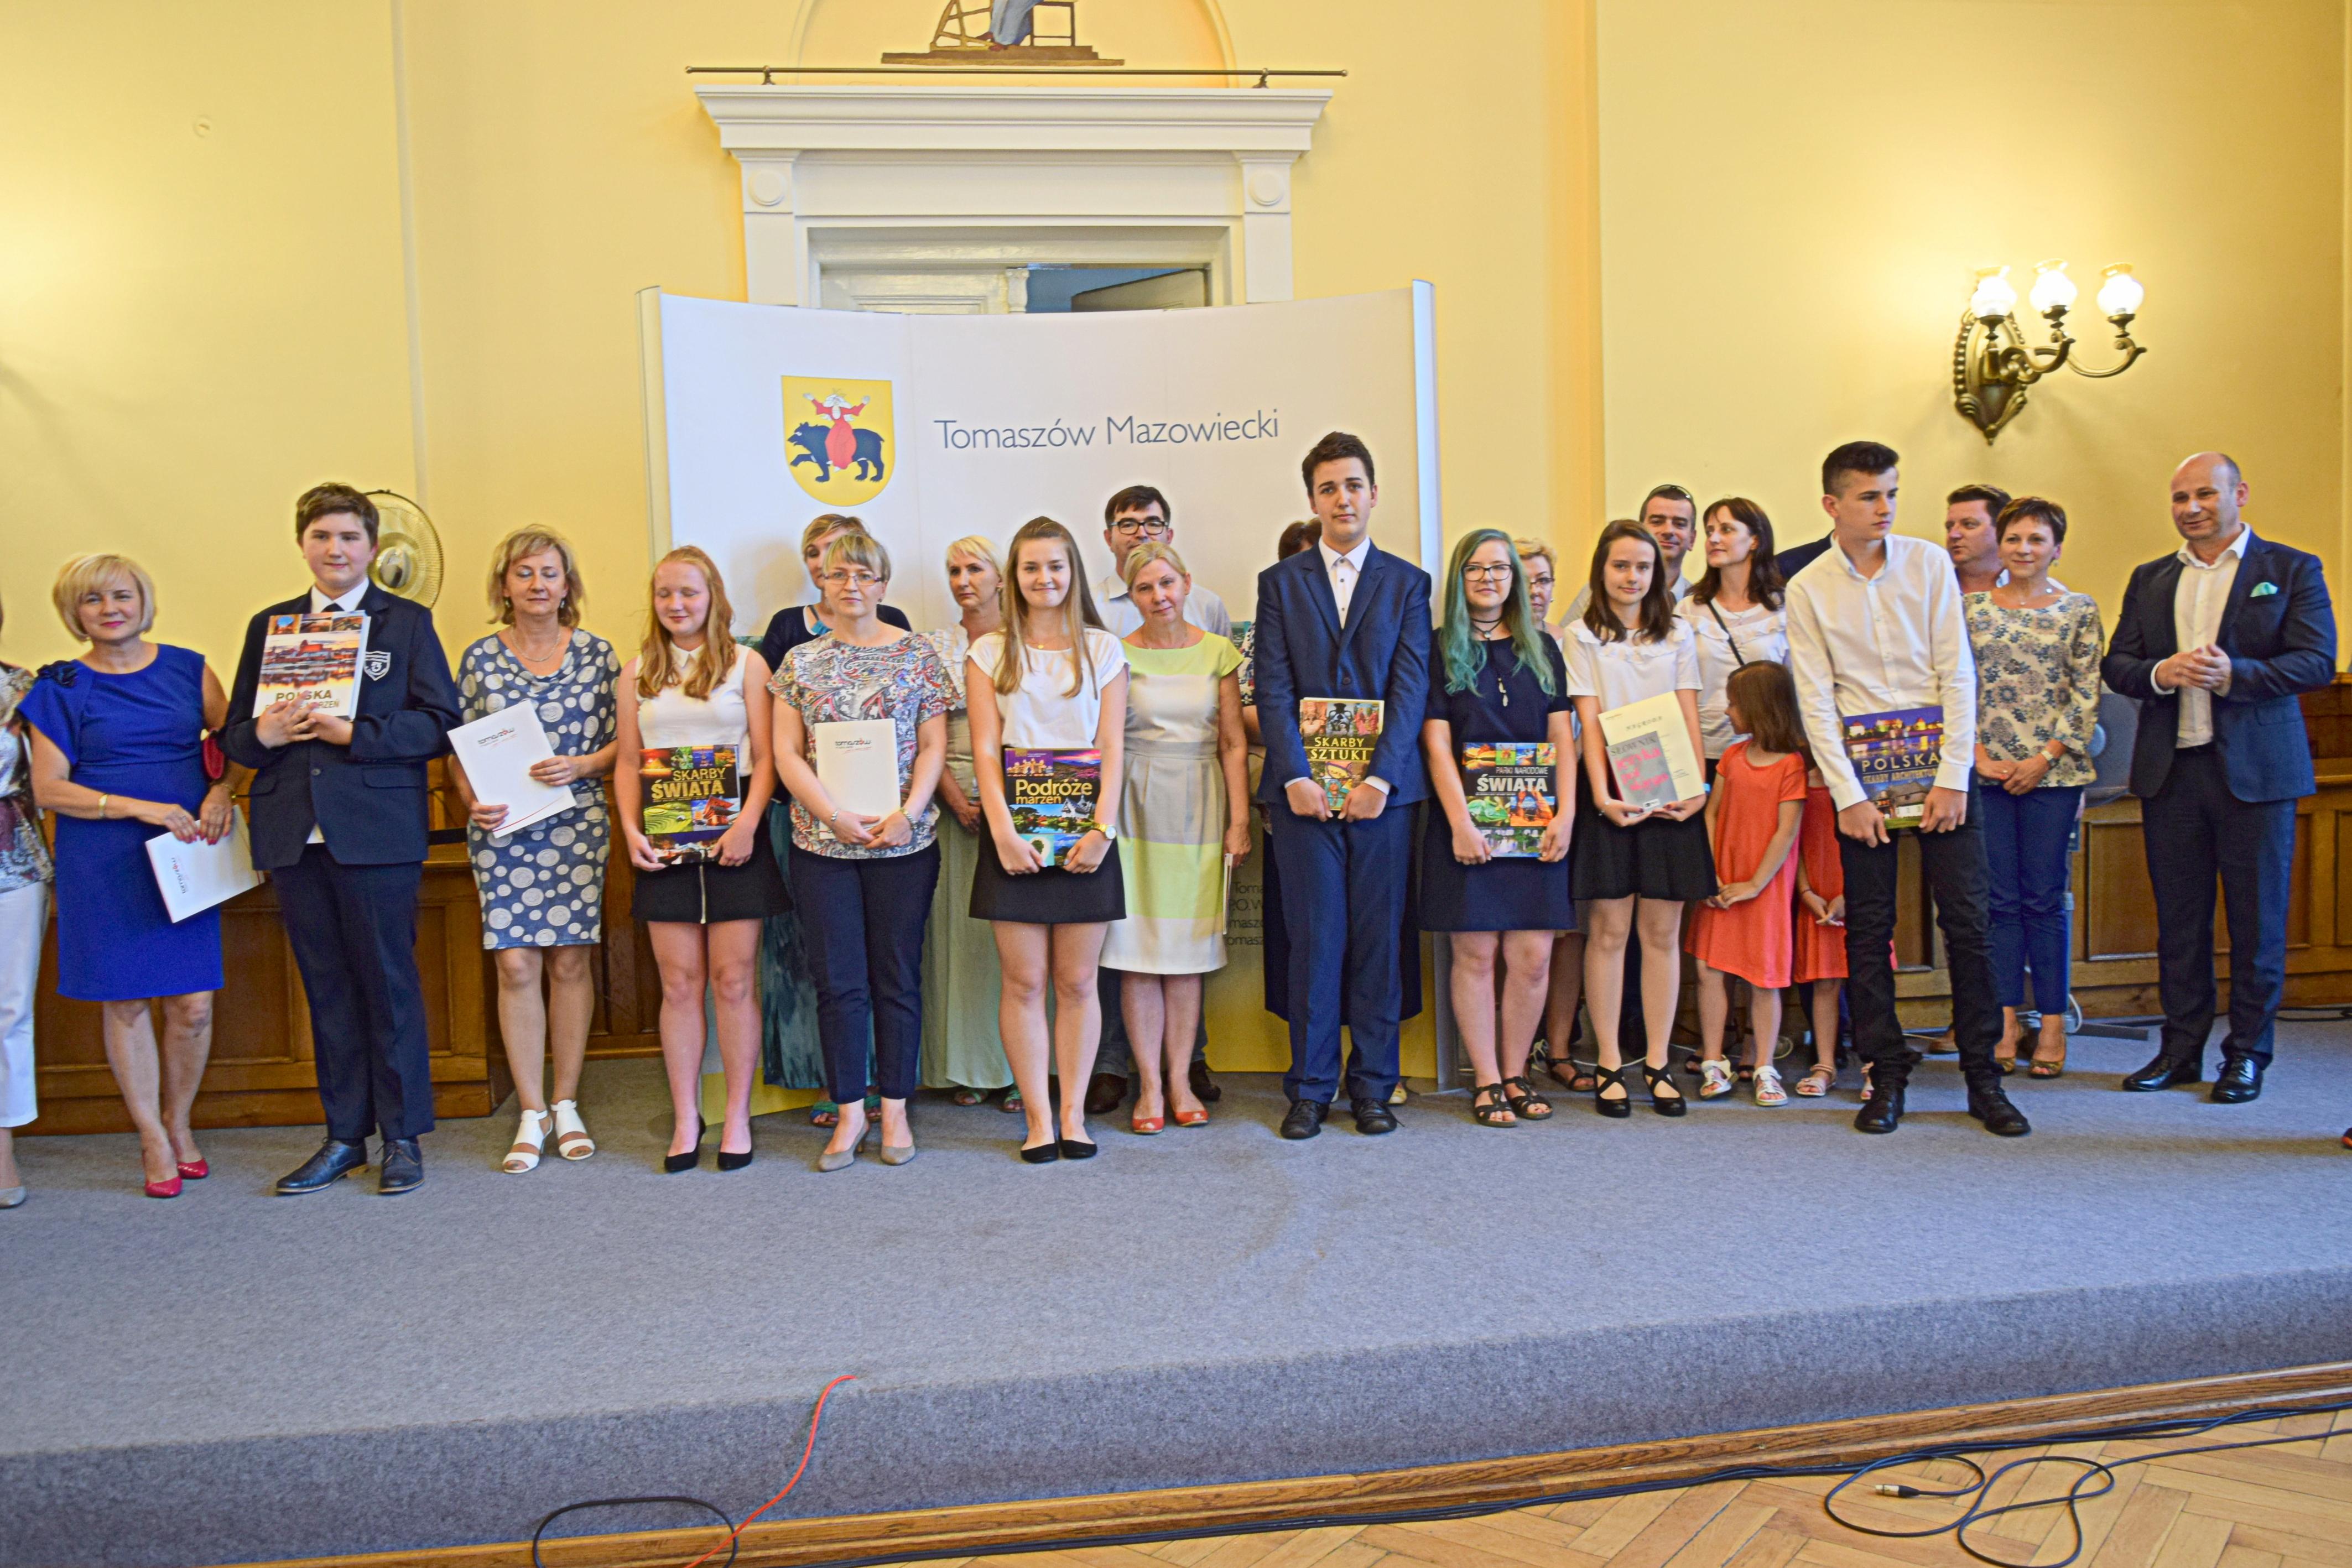 Uczniowie Zostali Nagrodzeni Urzad Miasta W Tomaszowie Mazowieckim